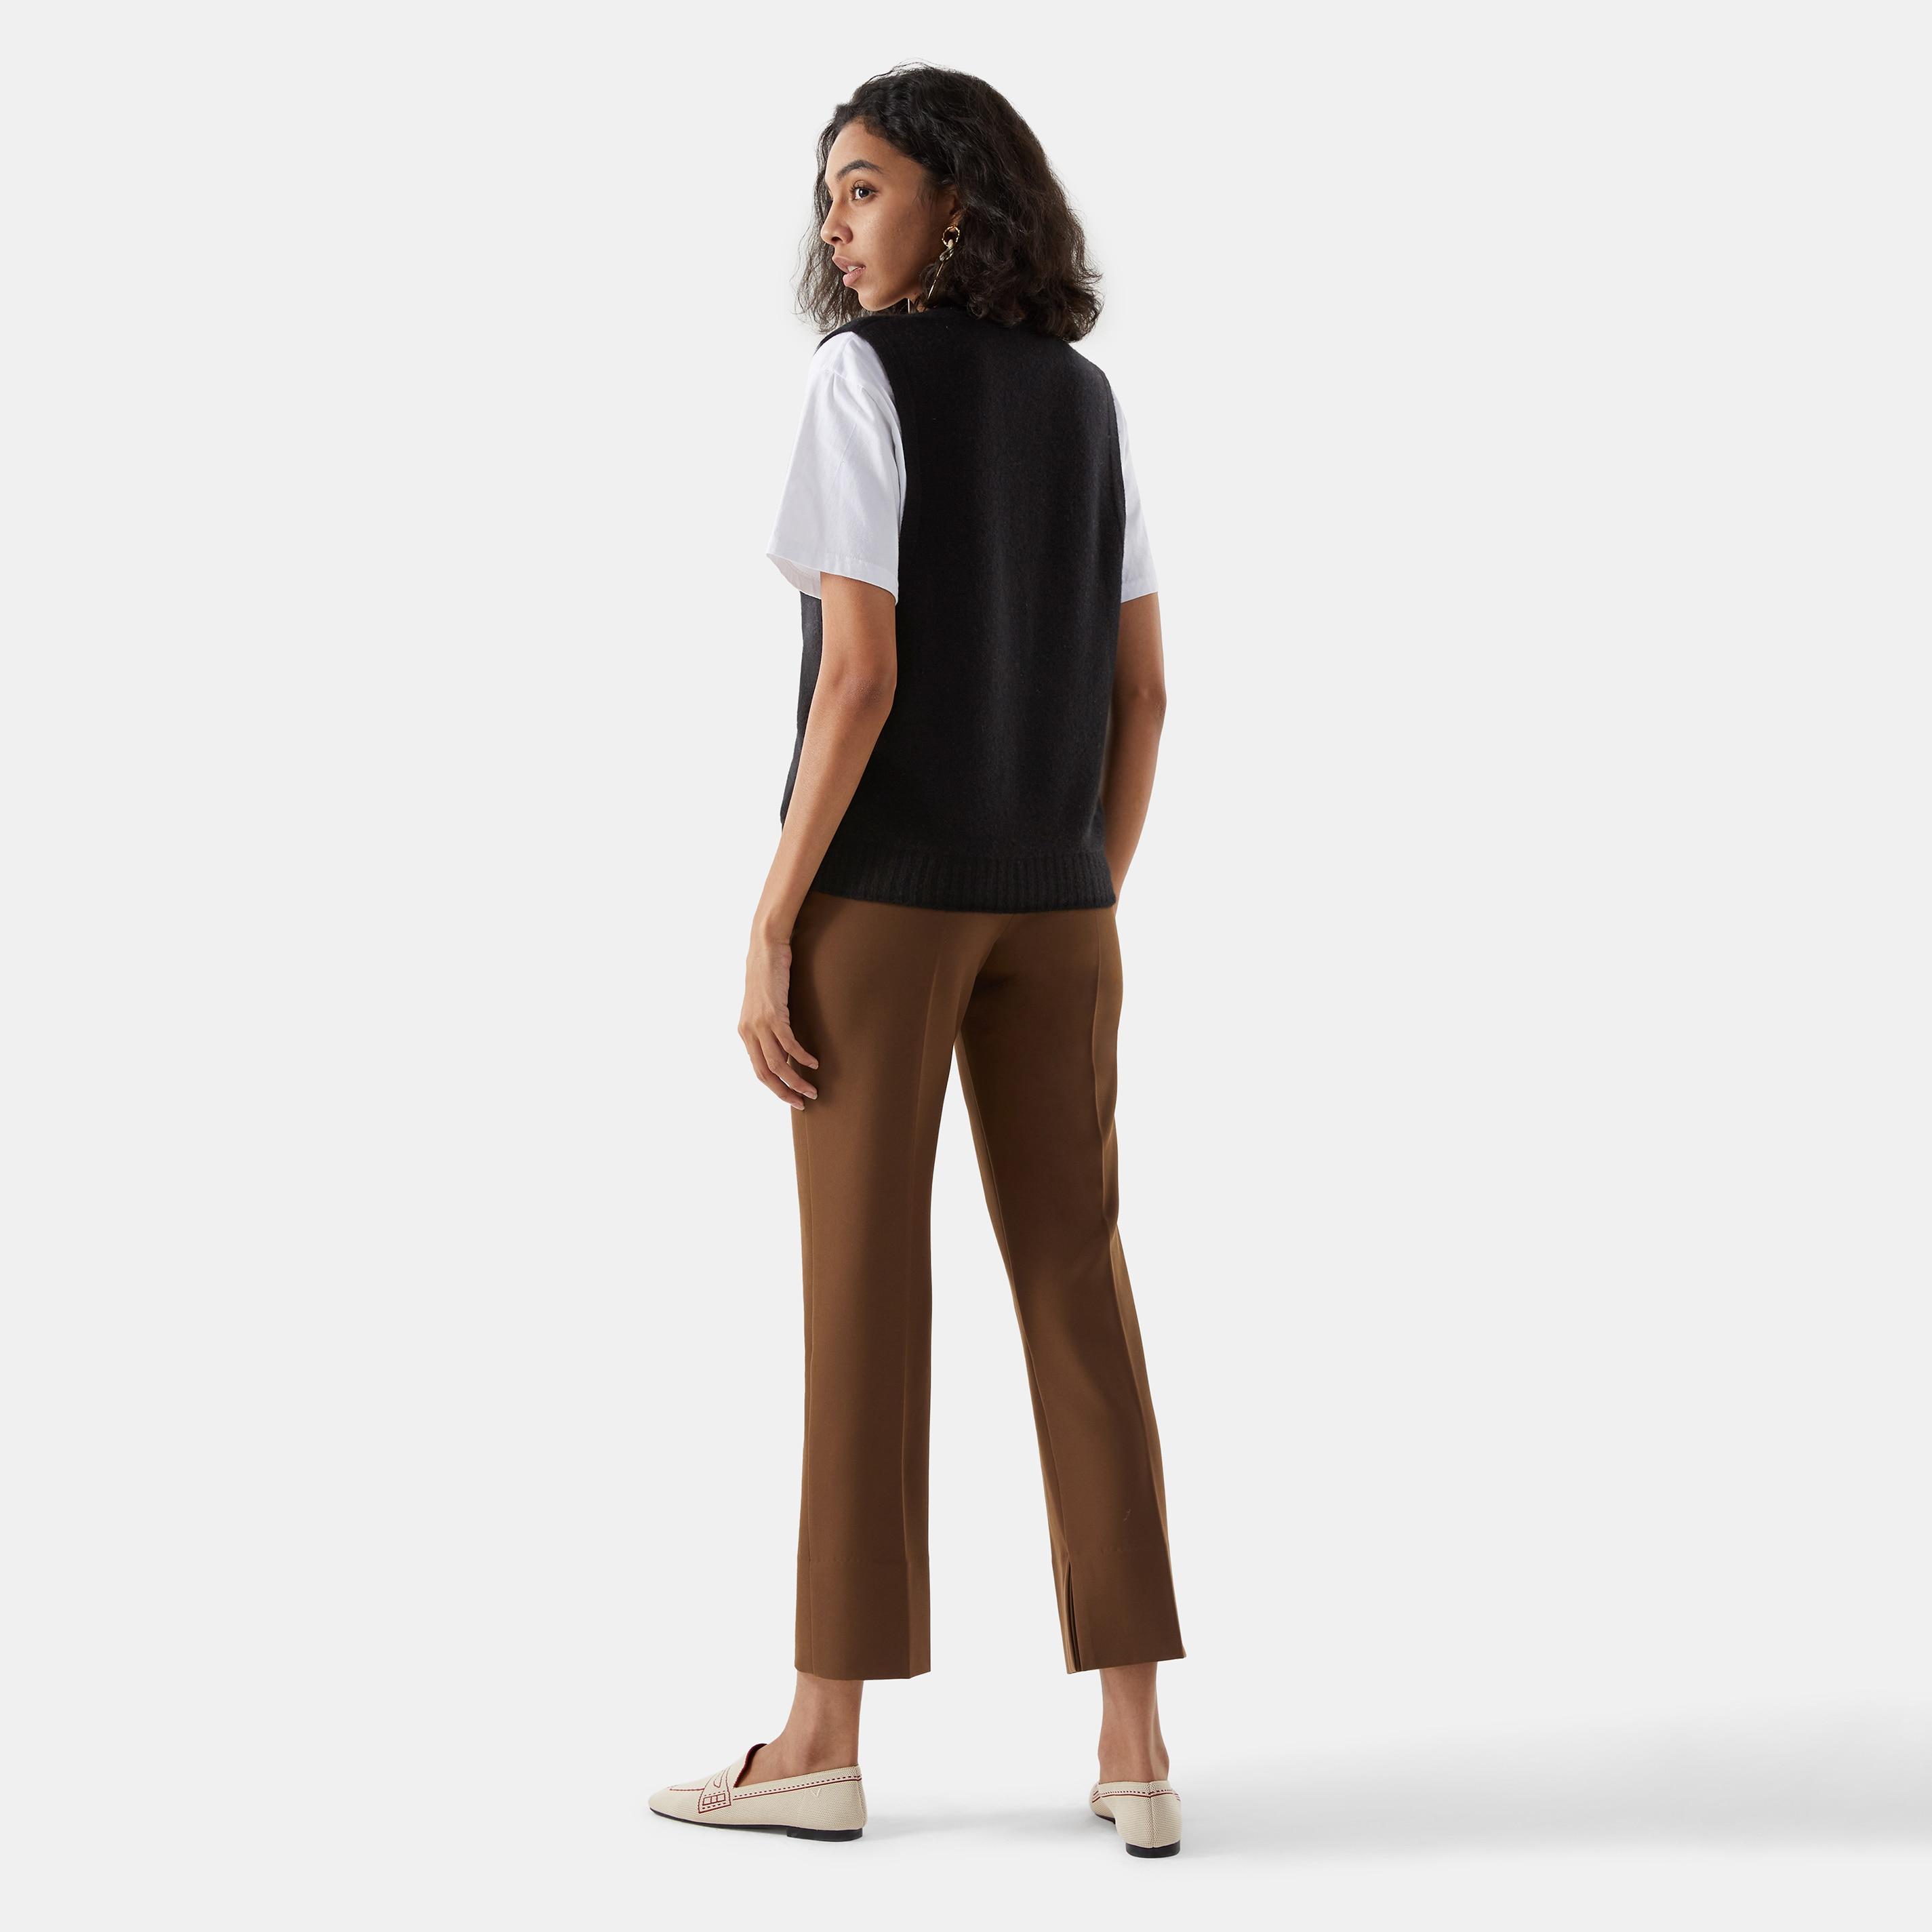 Cashmere Vest-Solid Black - Solid Black S